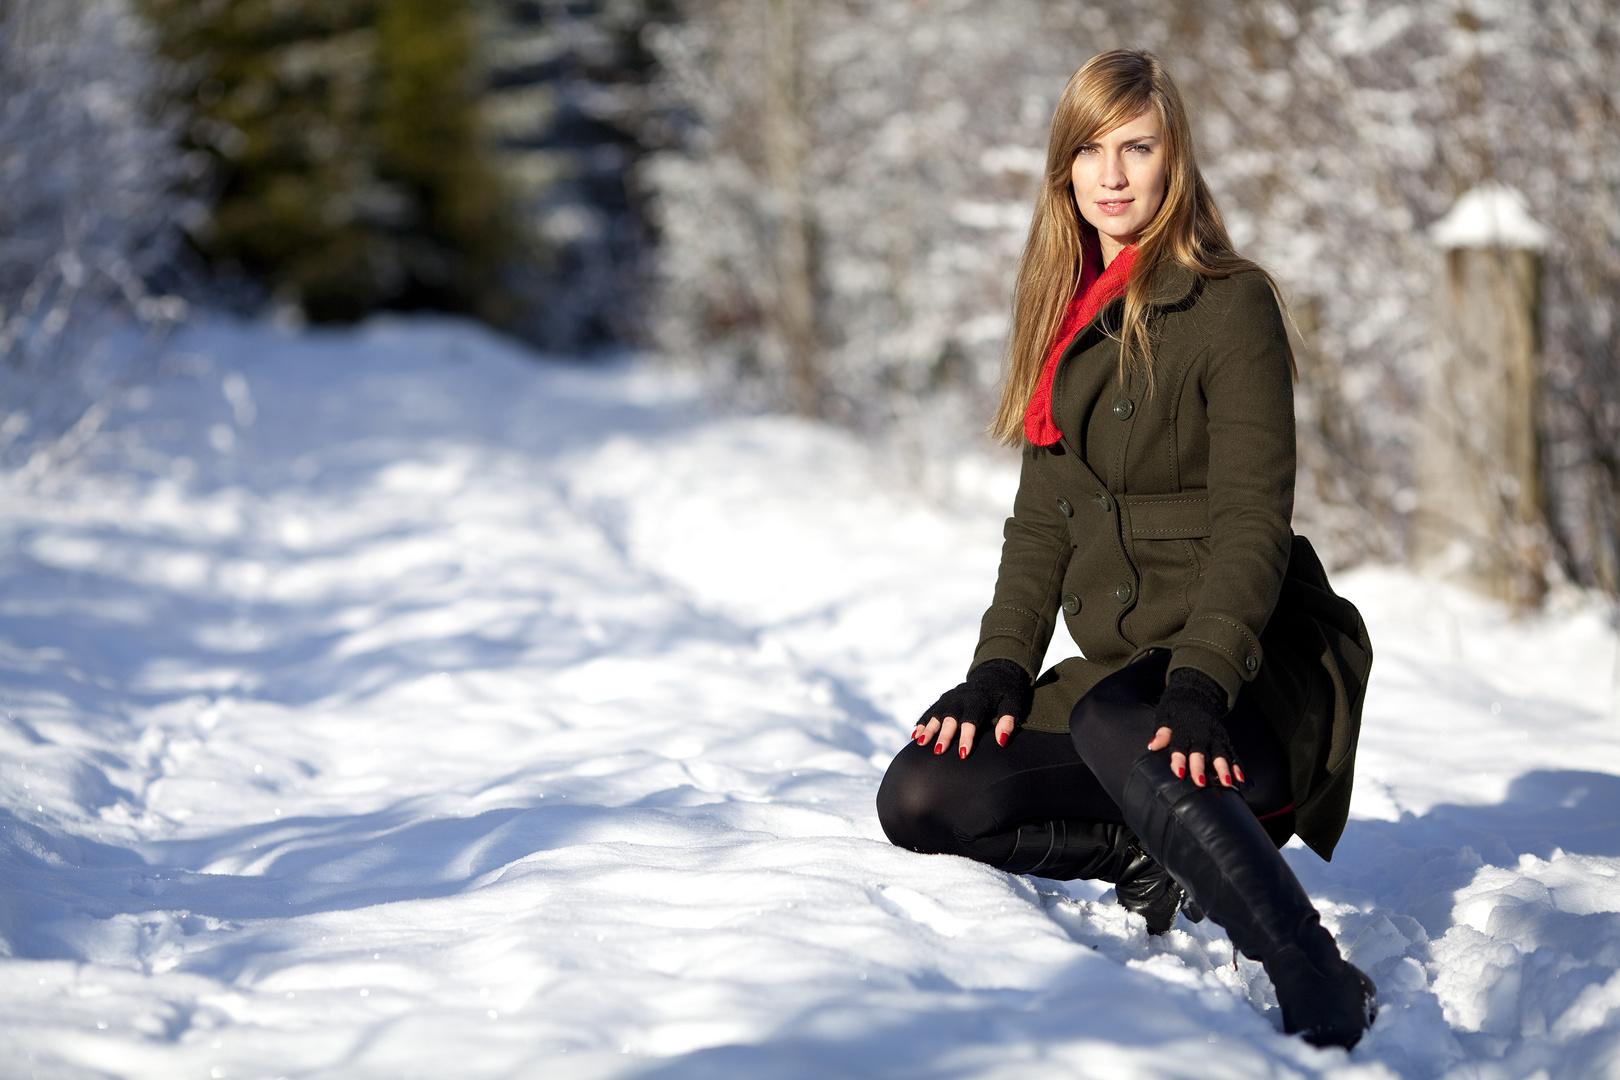 Melly im Schnee 3